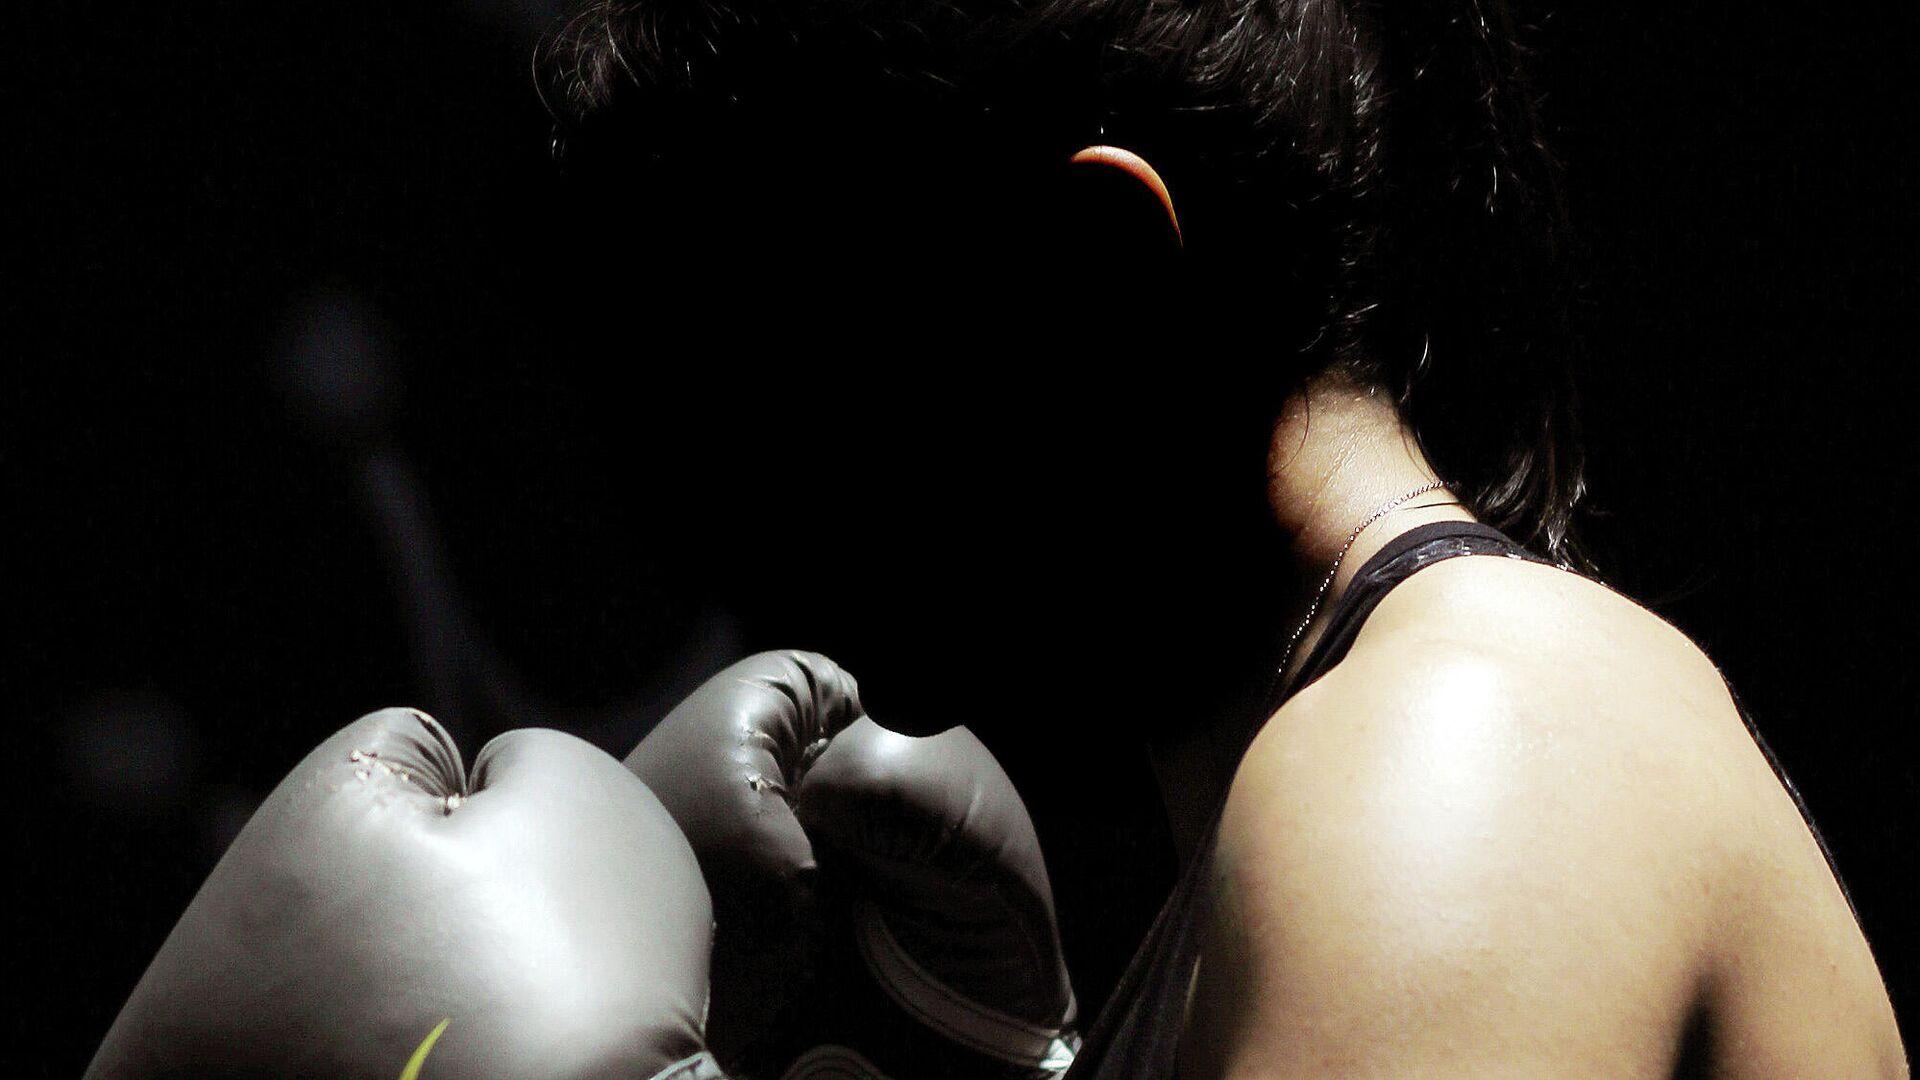 Женщина в боксерских перчатках - Sputnik Узбекистан, 1920, 06.10.2021